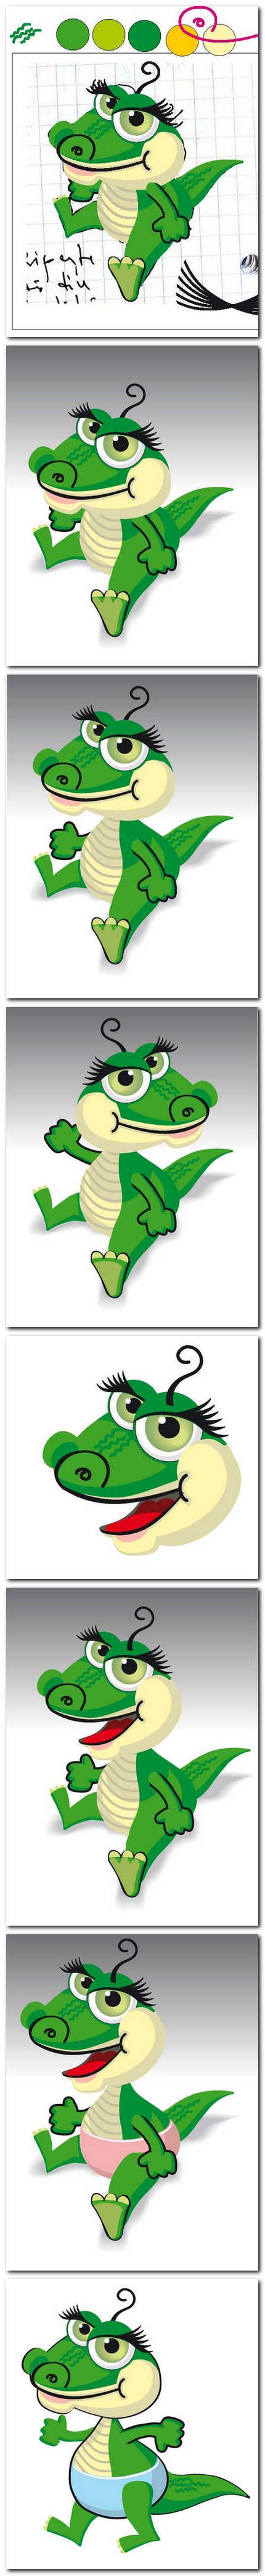 Florin Florea - pui de crocodil, desen vectorial. Copyright Florin Florea 2011.